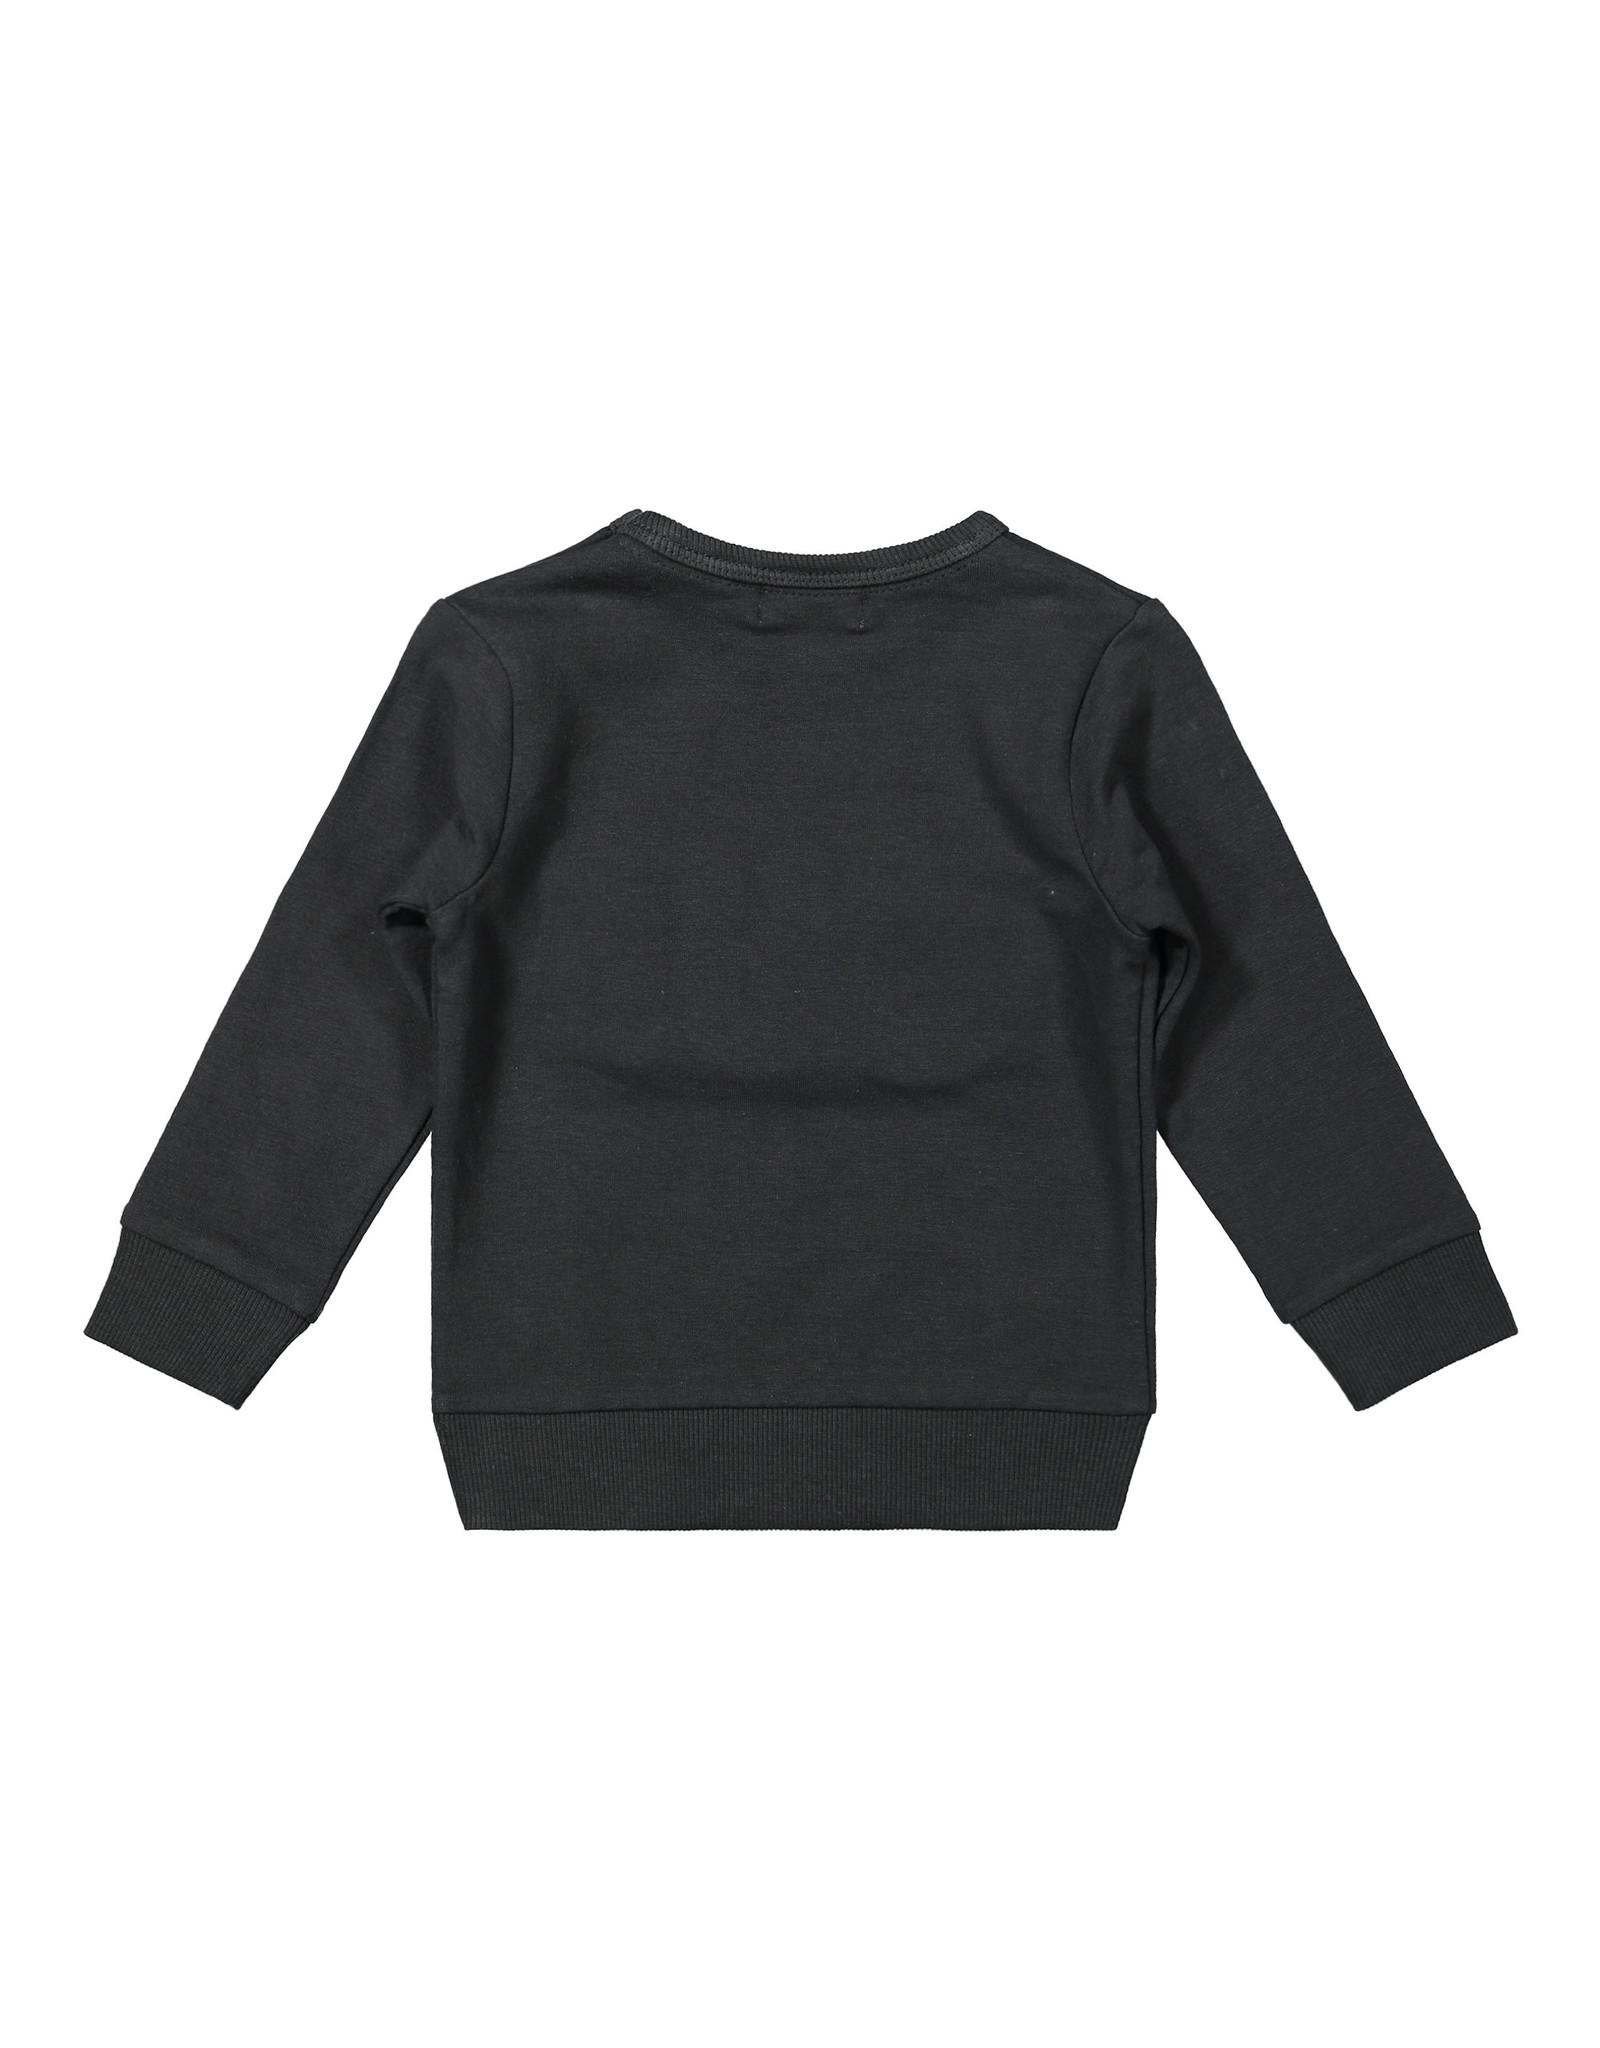 Dirkje Dirkje baby jongens sweater Get Out and Explore Anthracite